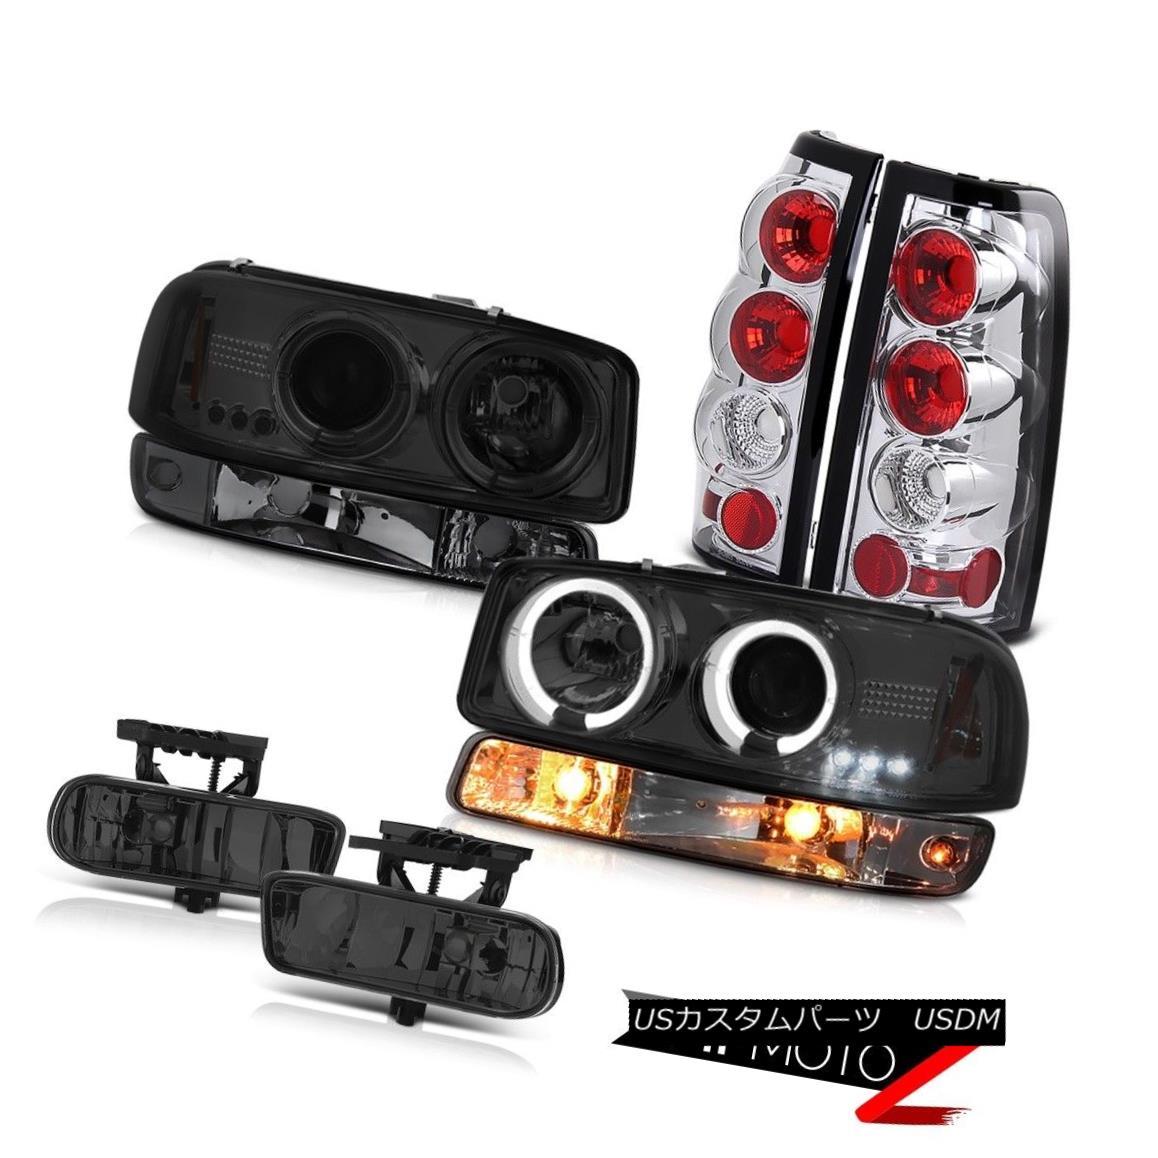 ヘッドライト 99-02 Sierra 6.6L Titanium smoke fog lights tail brake bumper light Headlights 99-02シエラ6.6Lチタン煙霧ライトテールブレーキバンパーライトヘッドライト